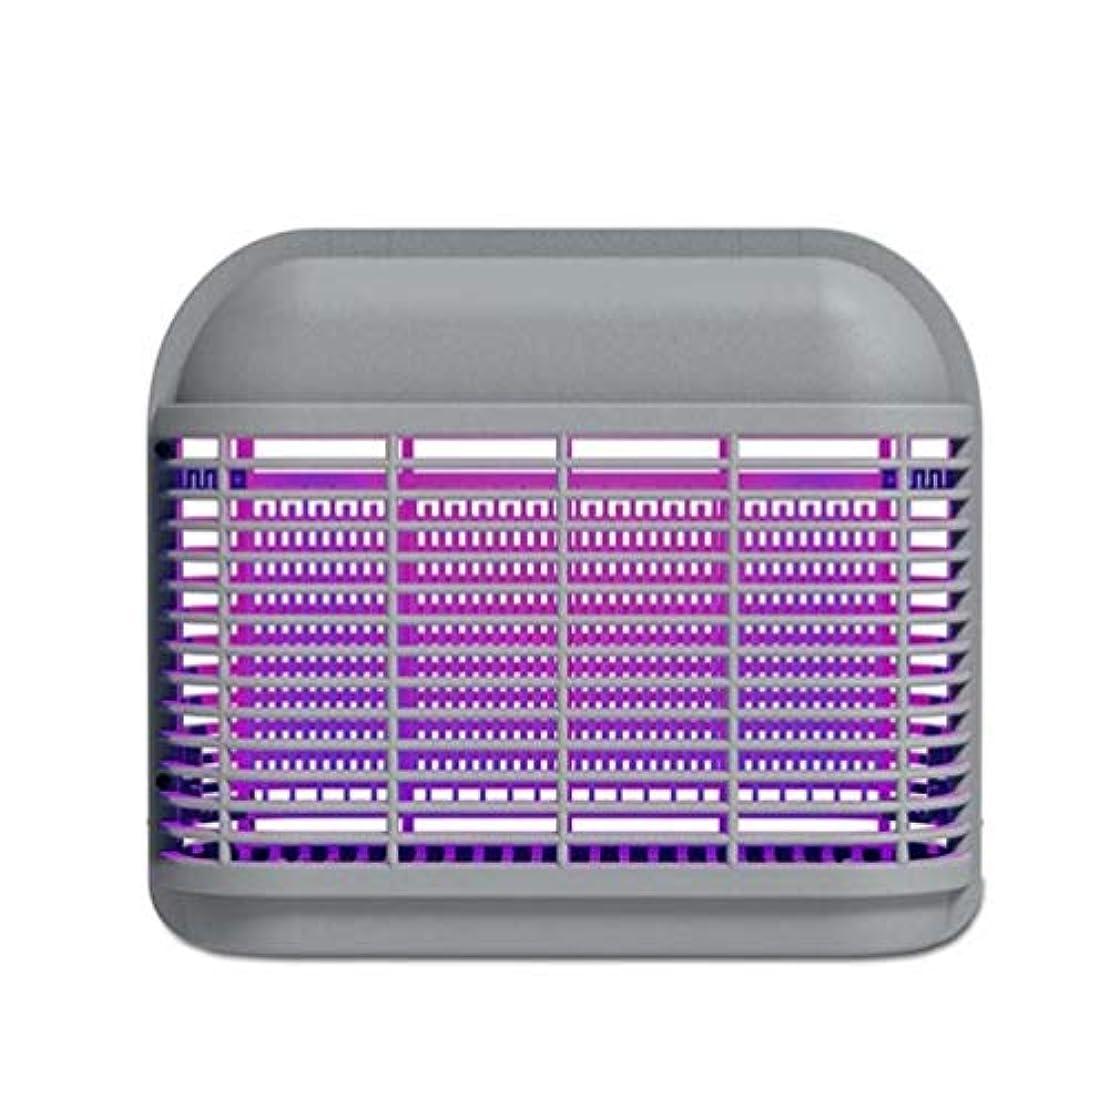 ホイッスル逆説病者LED蚊キラー、超静かな、非放射性光触媒蚊キラー、バイオレットフライ蚊キラー、バグザッパー